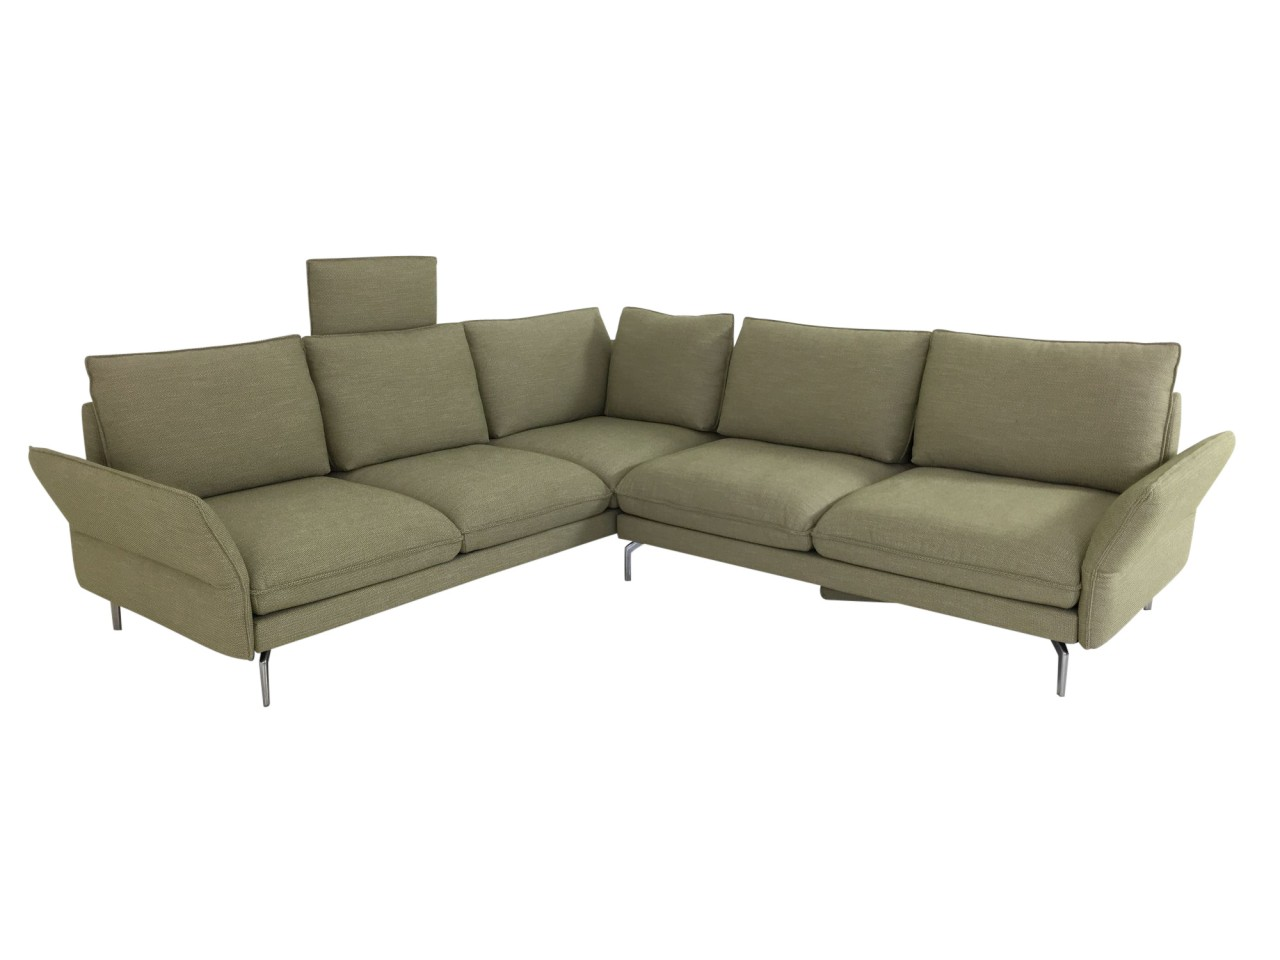 Hülsta Sofa hs.454 Ecksofa mit Seitenteil und Fußstützen Funktionen in Stoff Vivienne farngrün